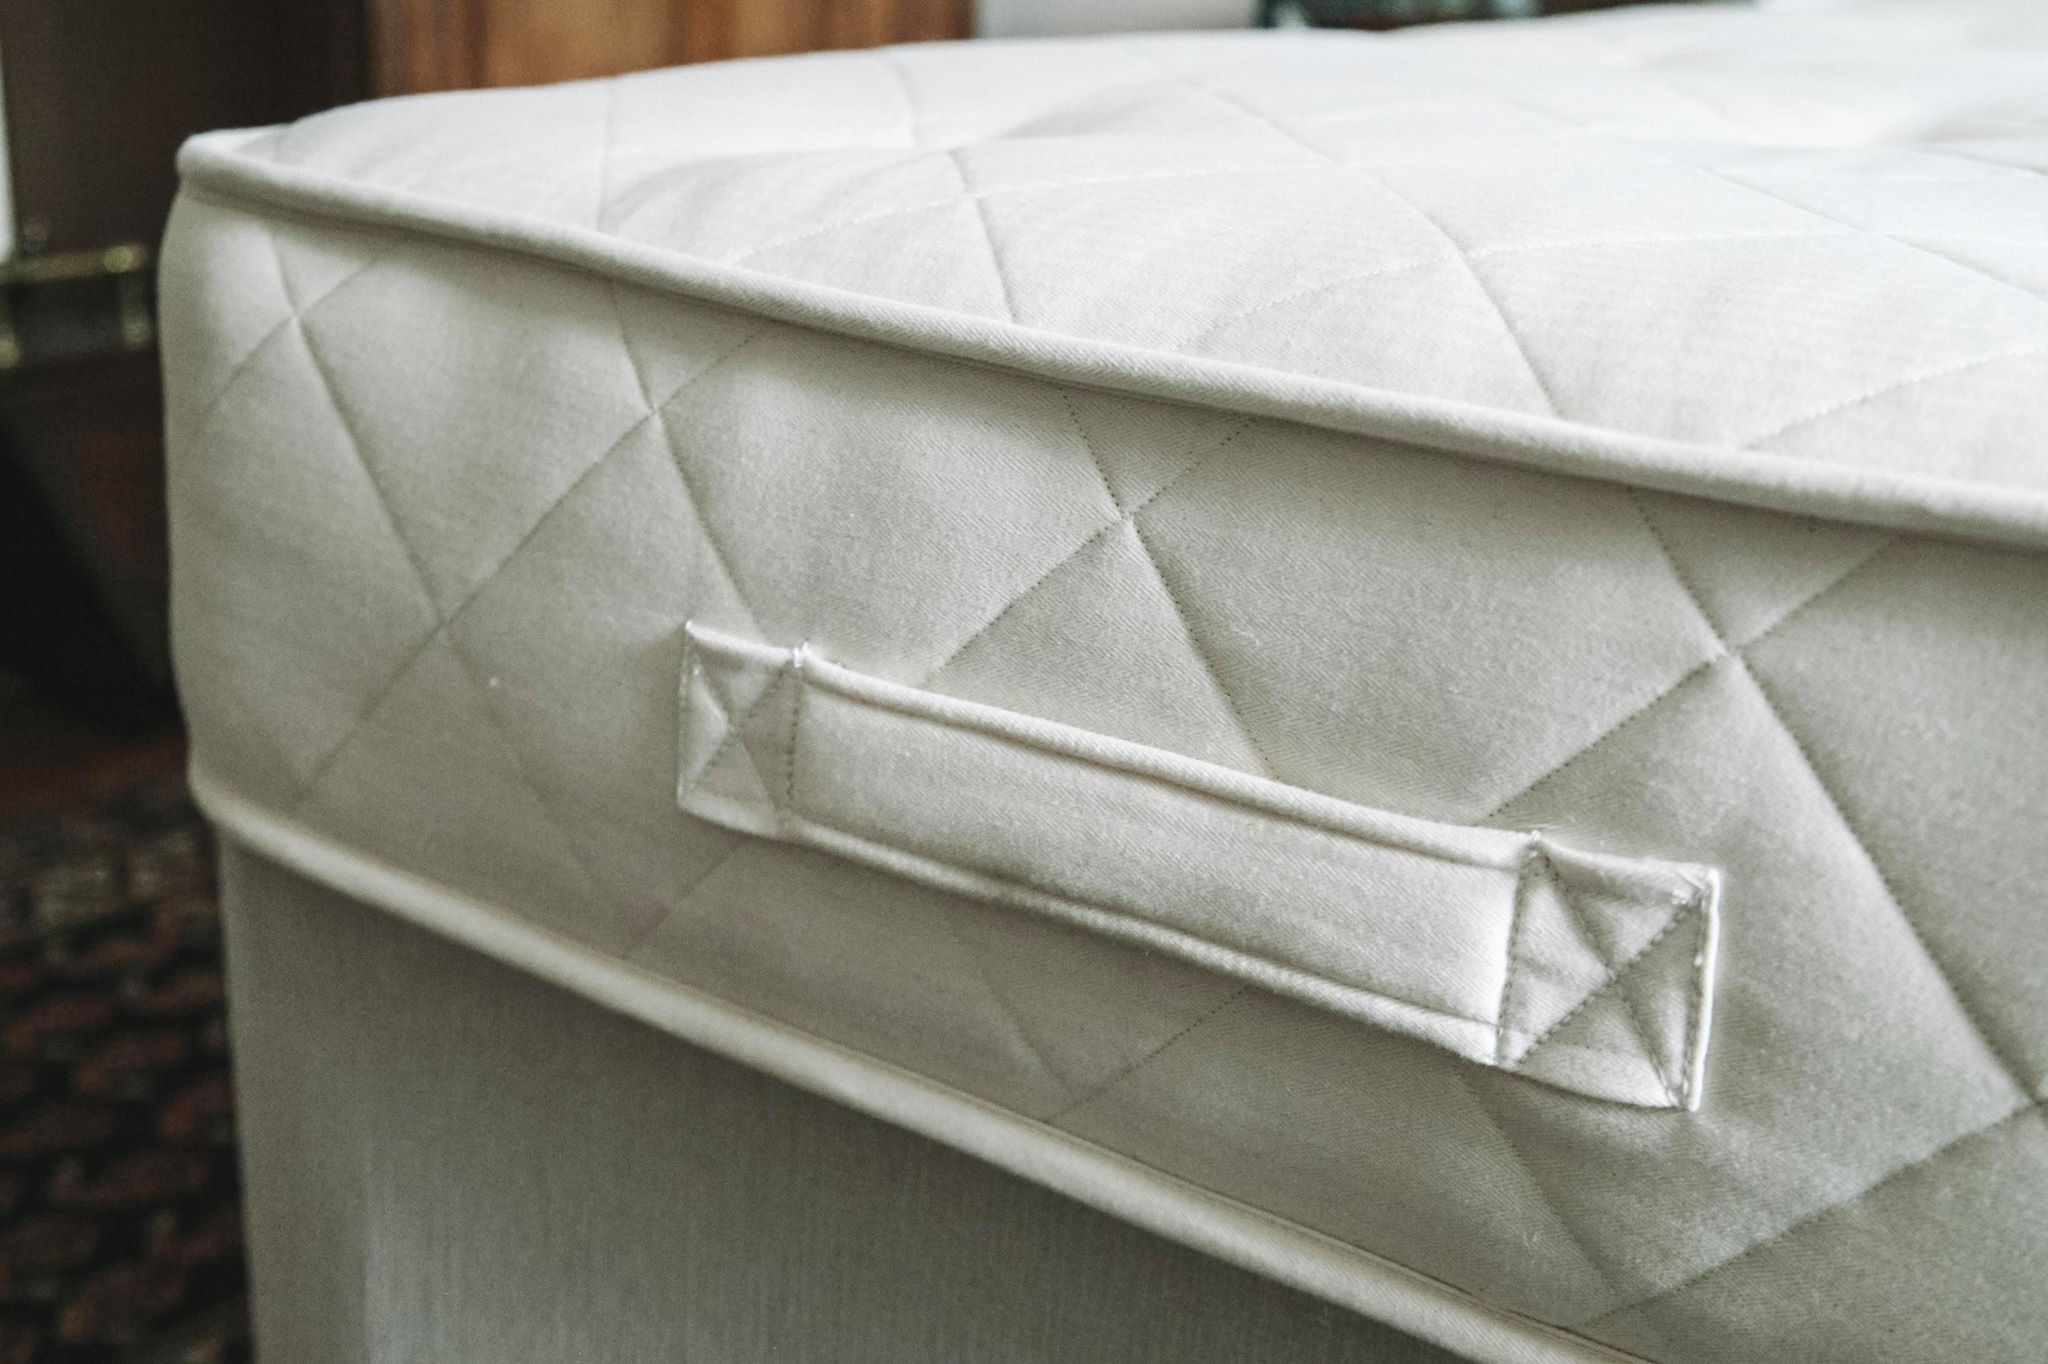 The Superb mattress from Naturalmat